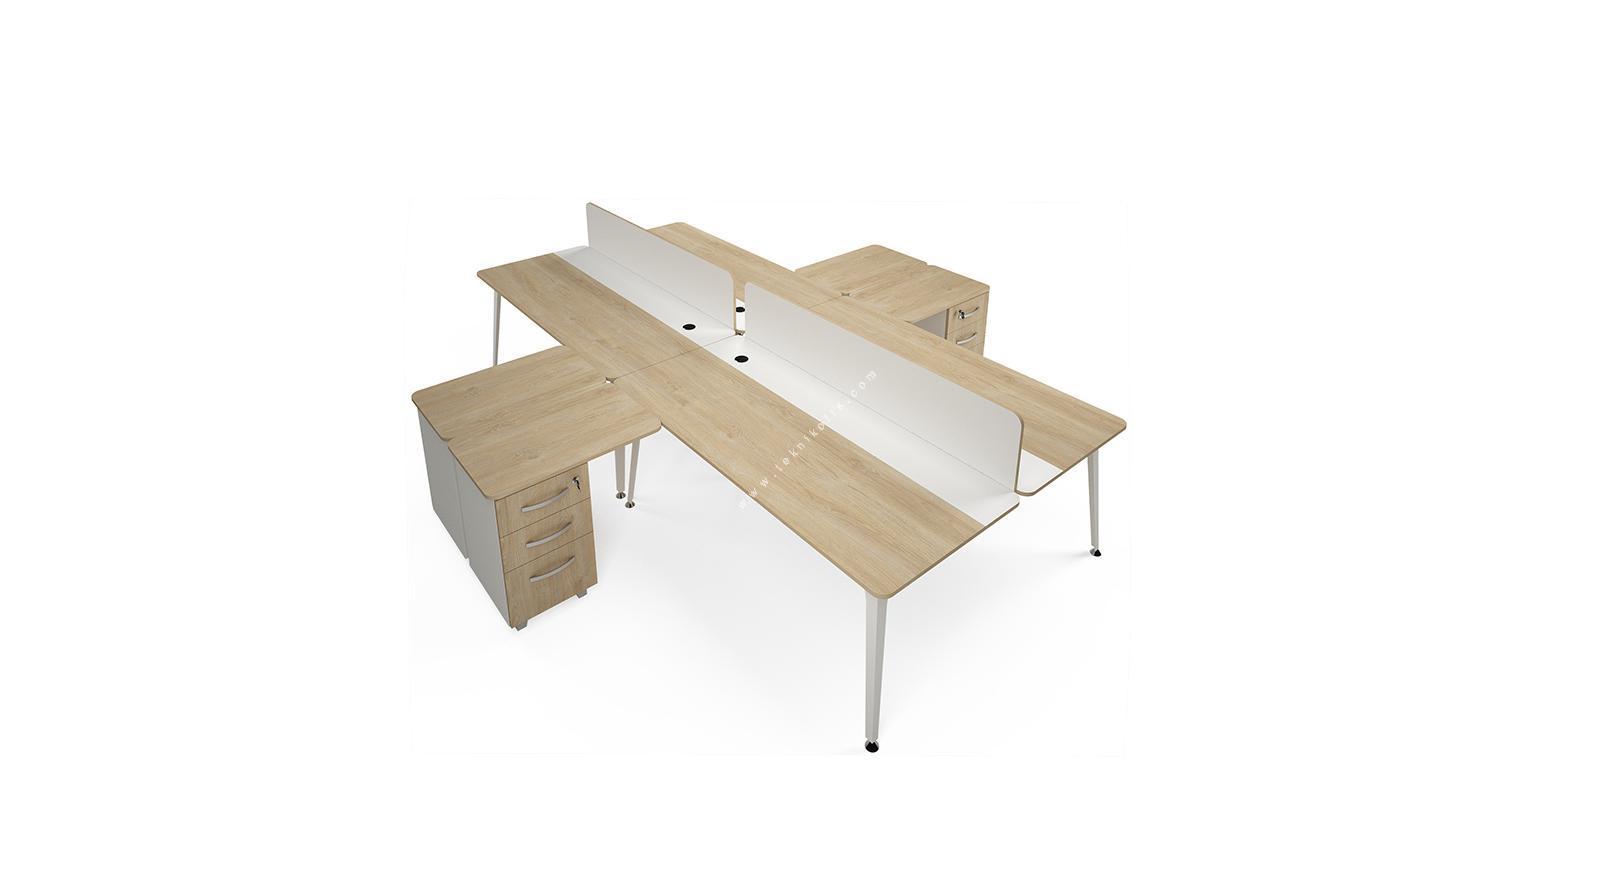 rediste melamin seperatörlü kesonlu dörtlü çalışma masası 280cm